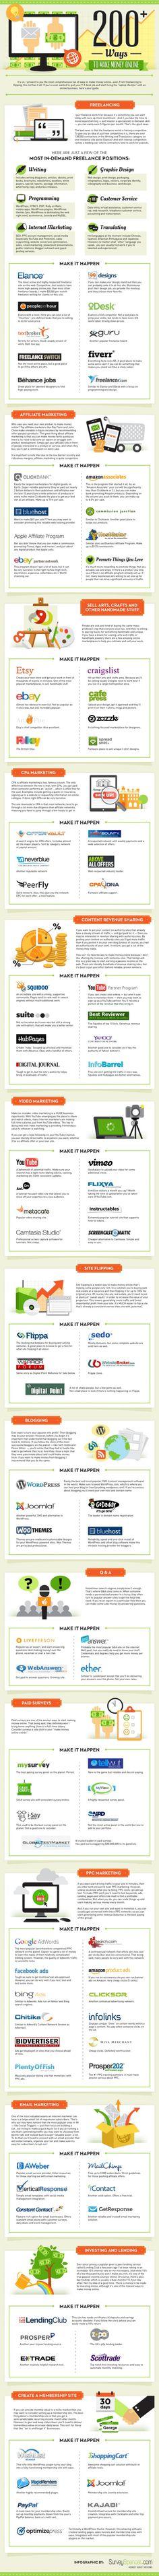 Guía para ganar dinero online (infografía) via @markmala